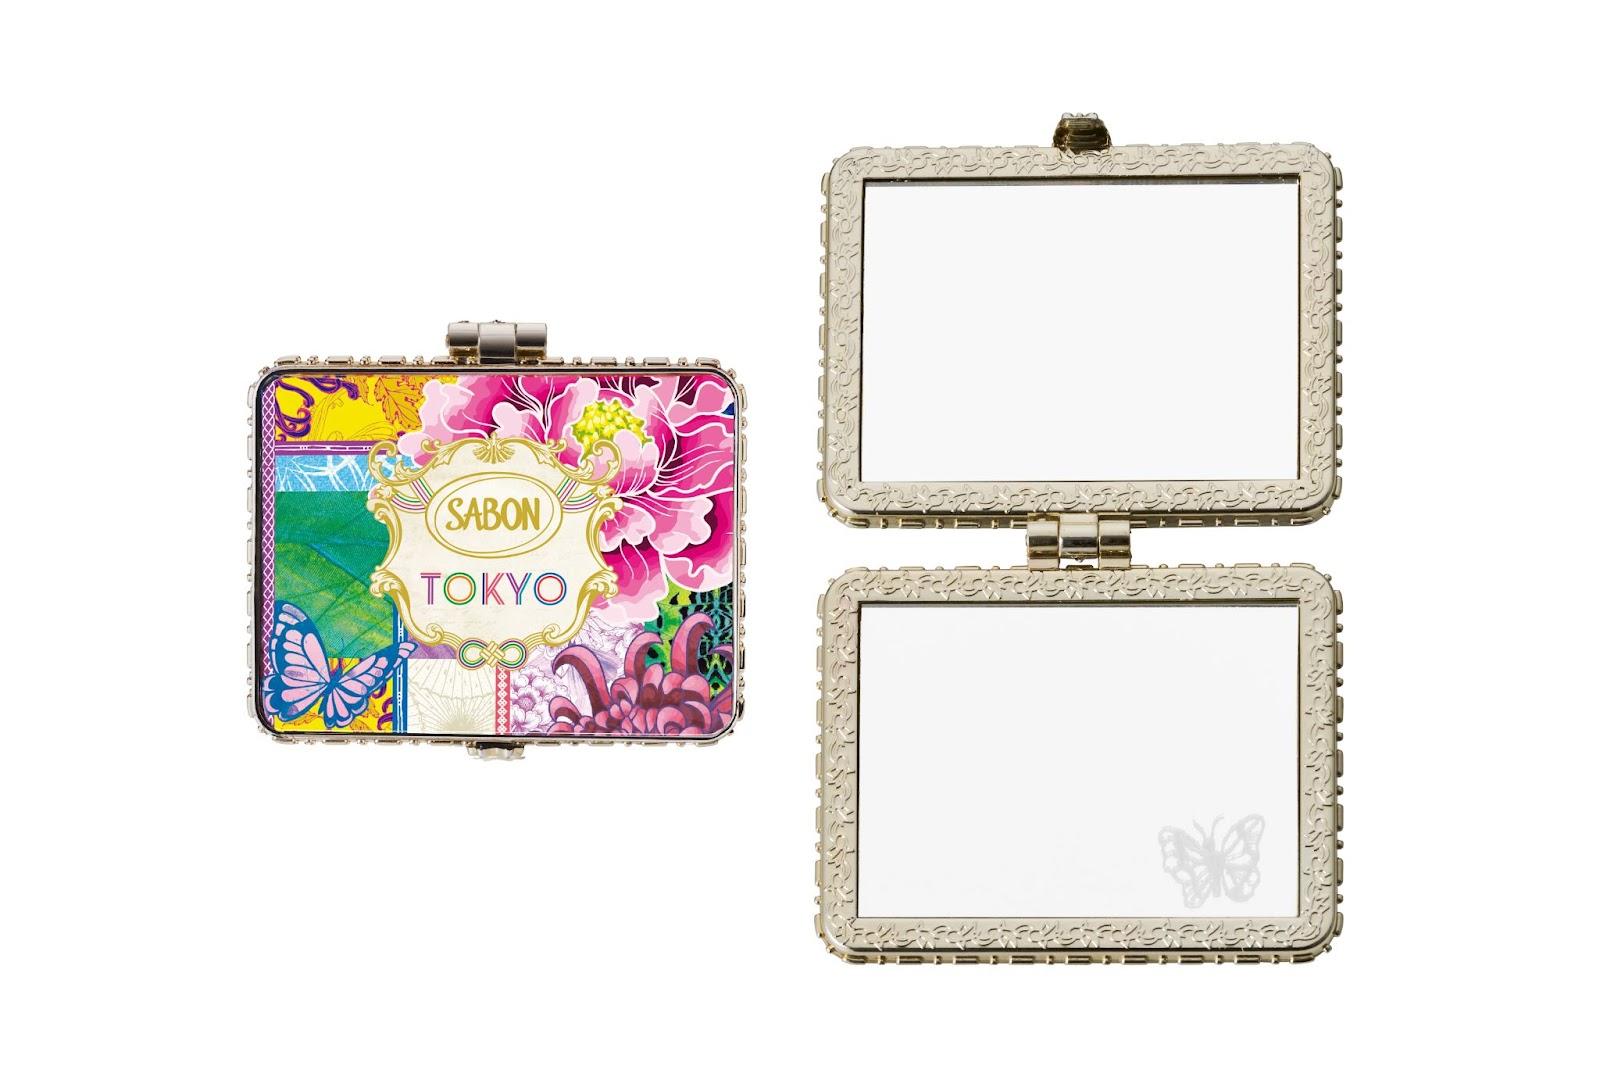 サボン Tokyo Colllection 蝶のモチーフの刻印入り「オリジナルコンパクトミラー」